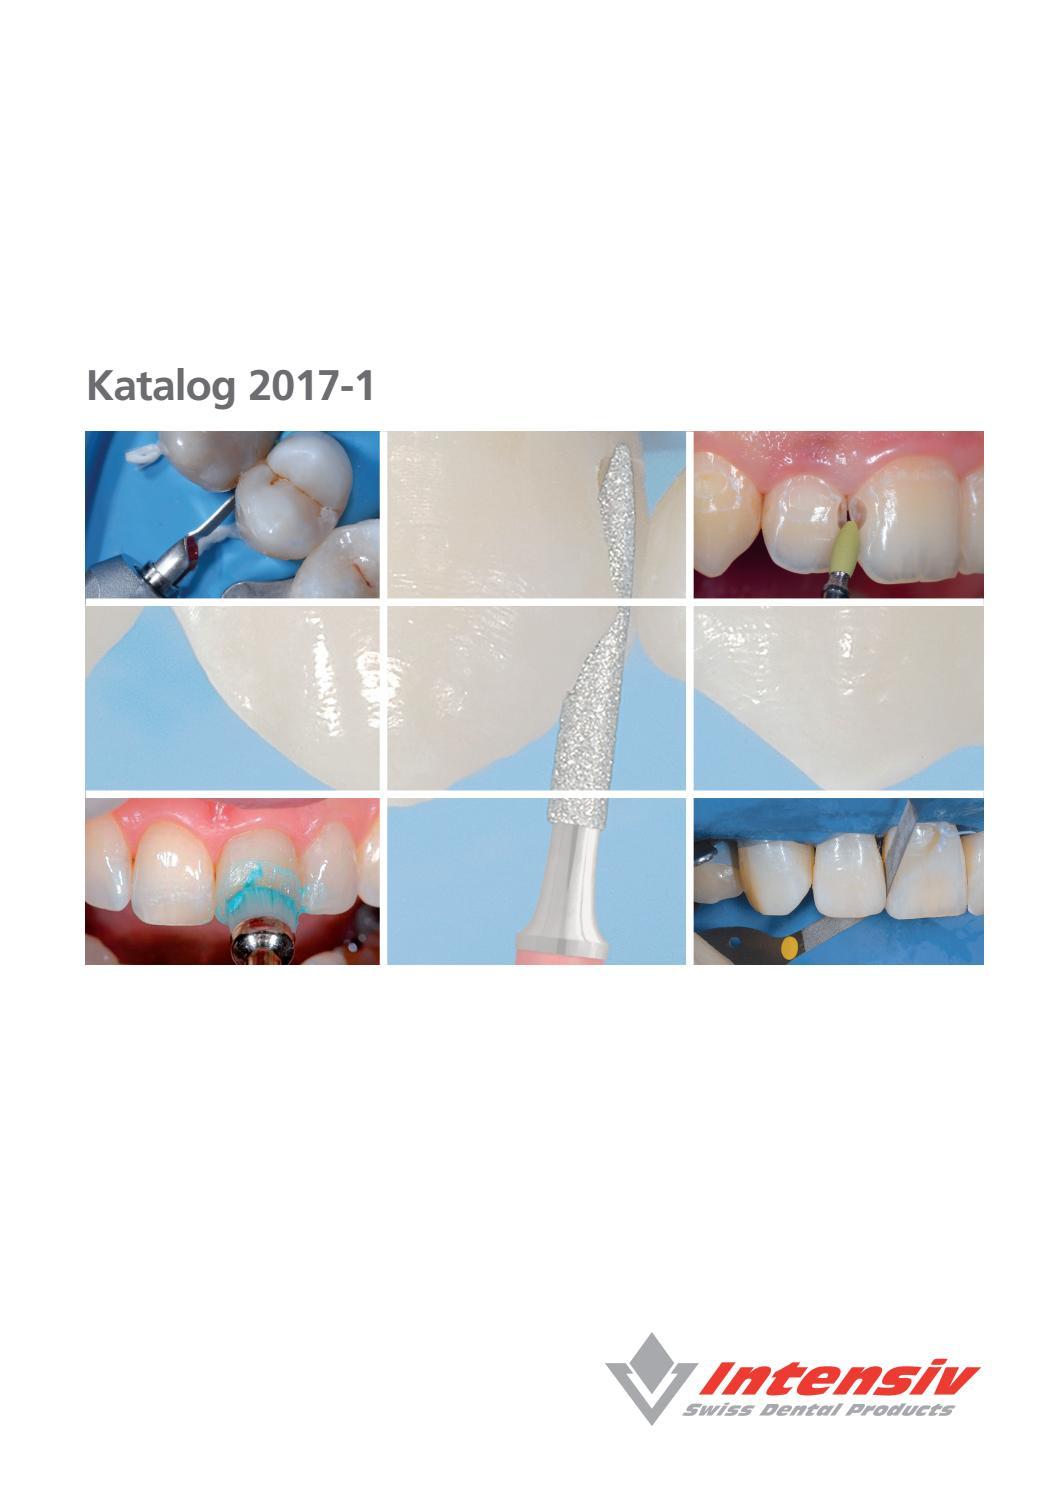 Intensiv katalog 2017-1 by Intensiv SA - issuu